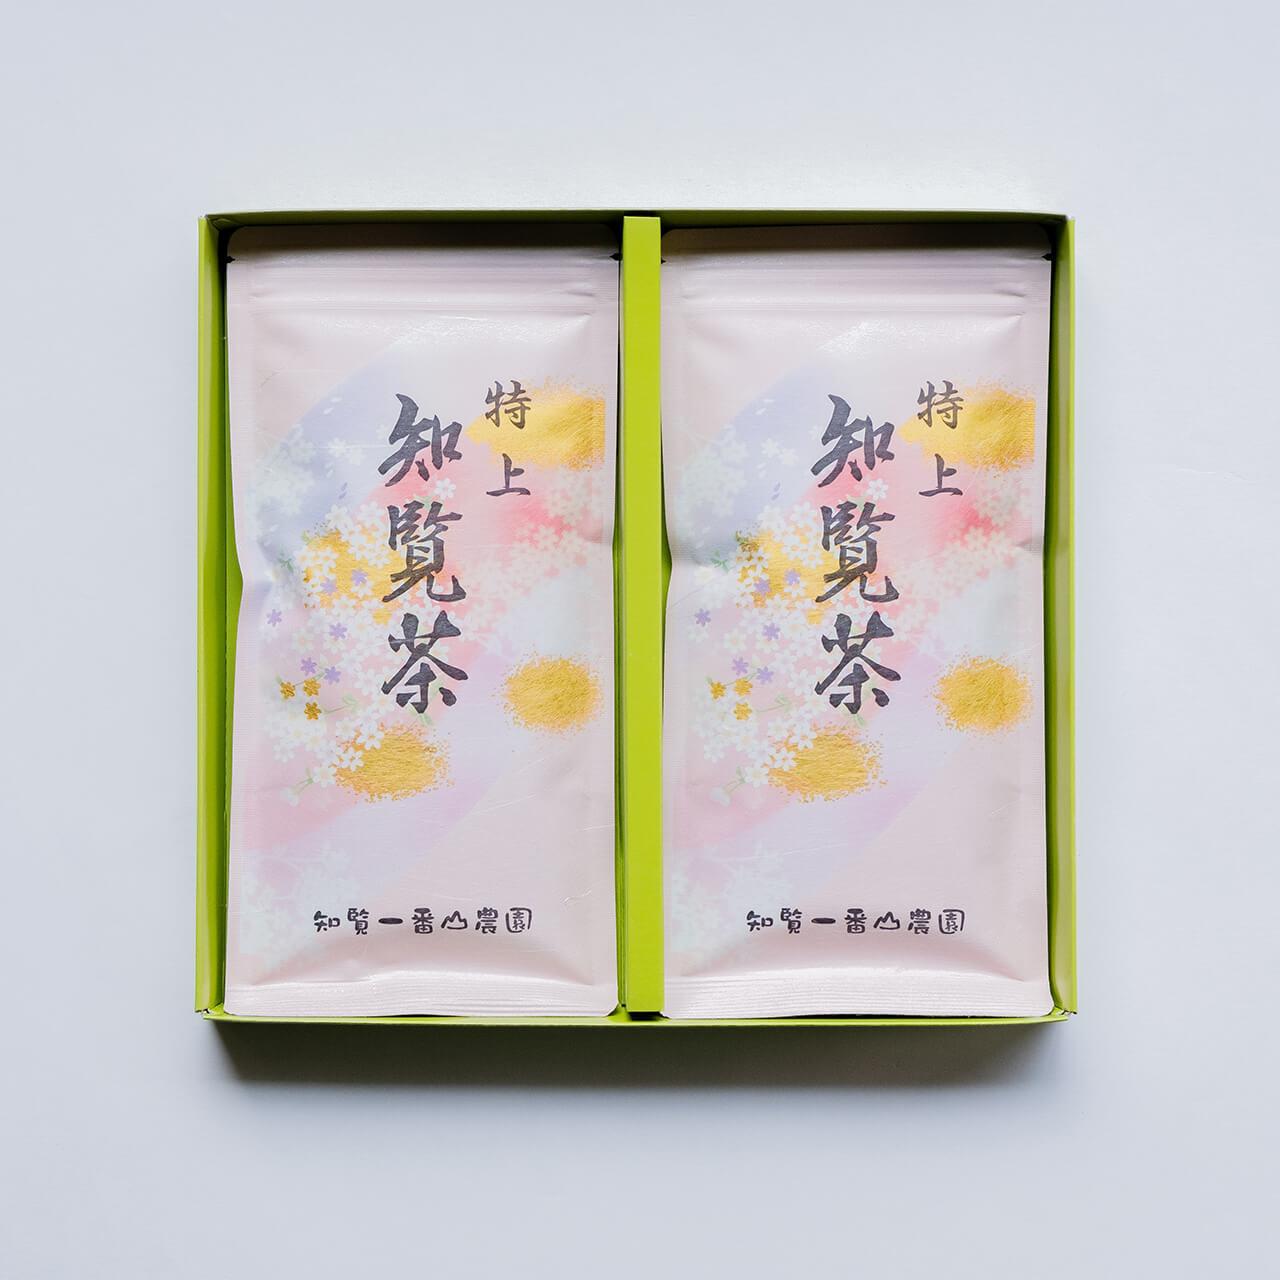 特上知覧茶【平箱入り・100g×2本】